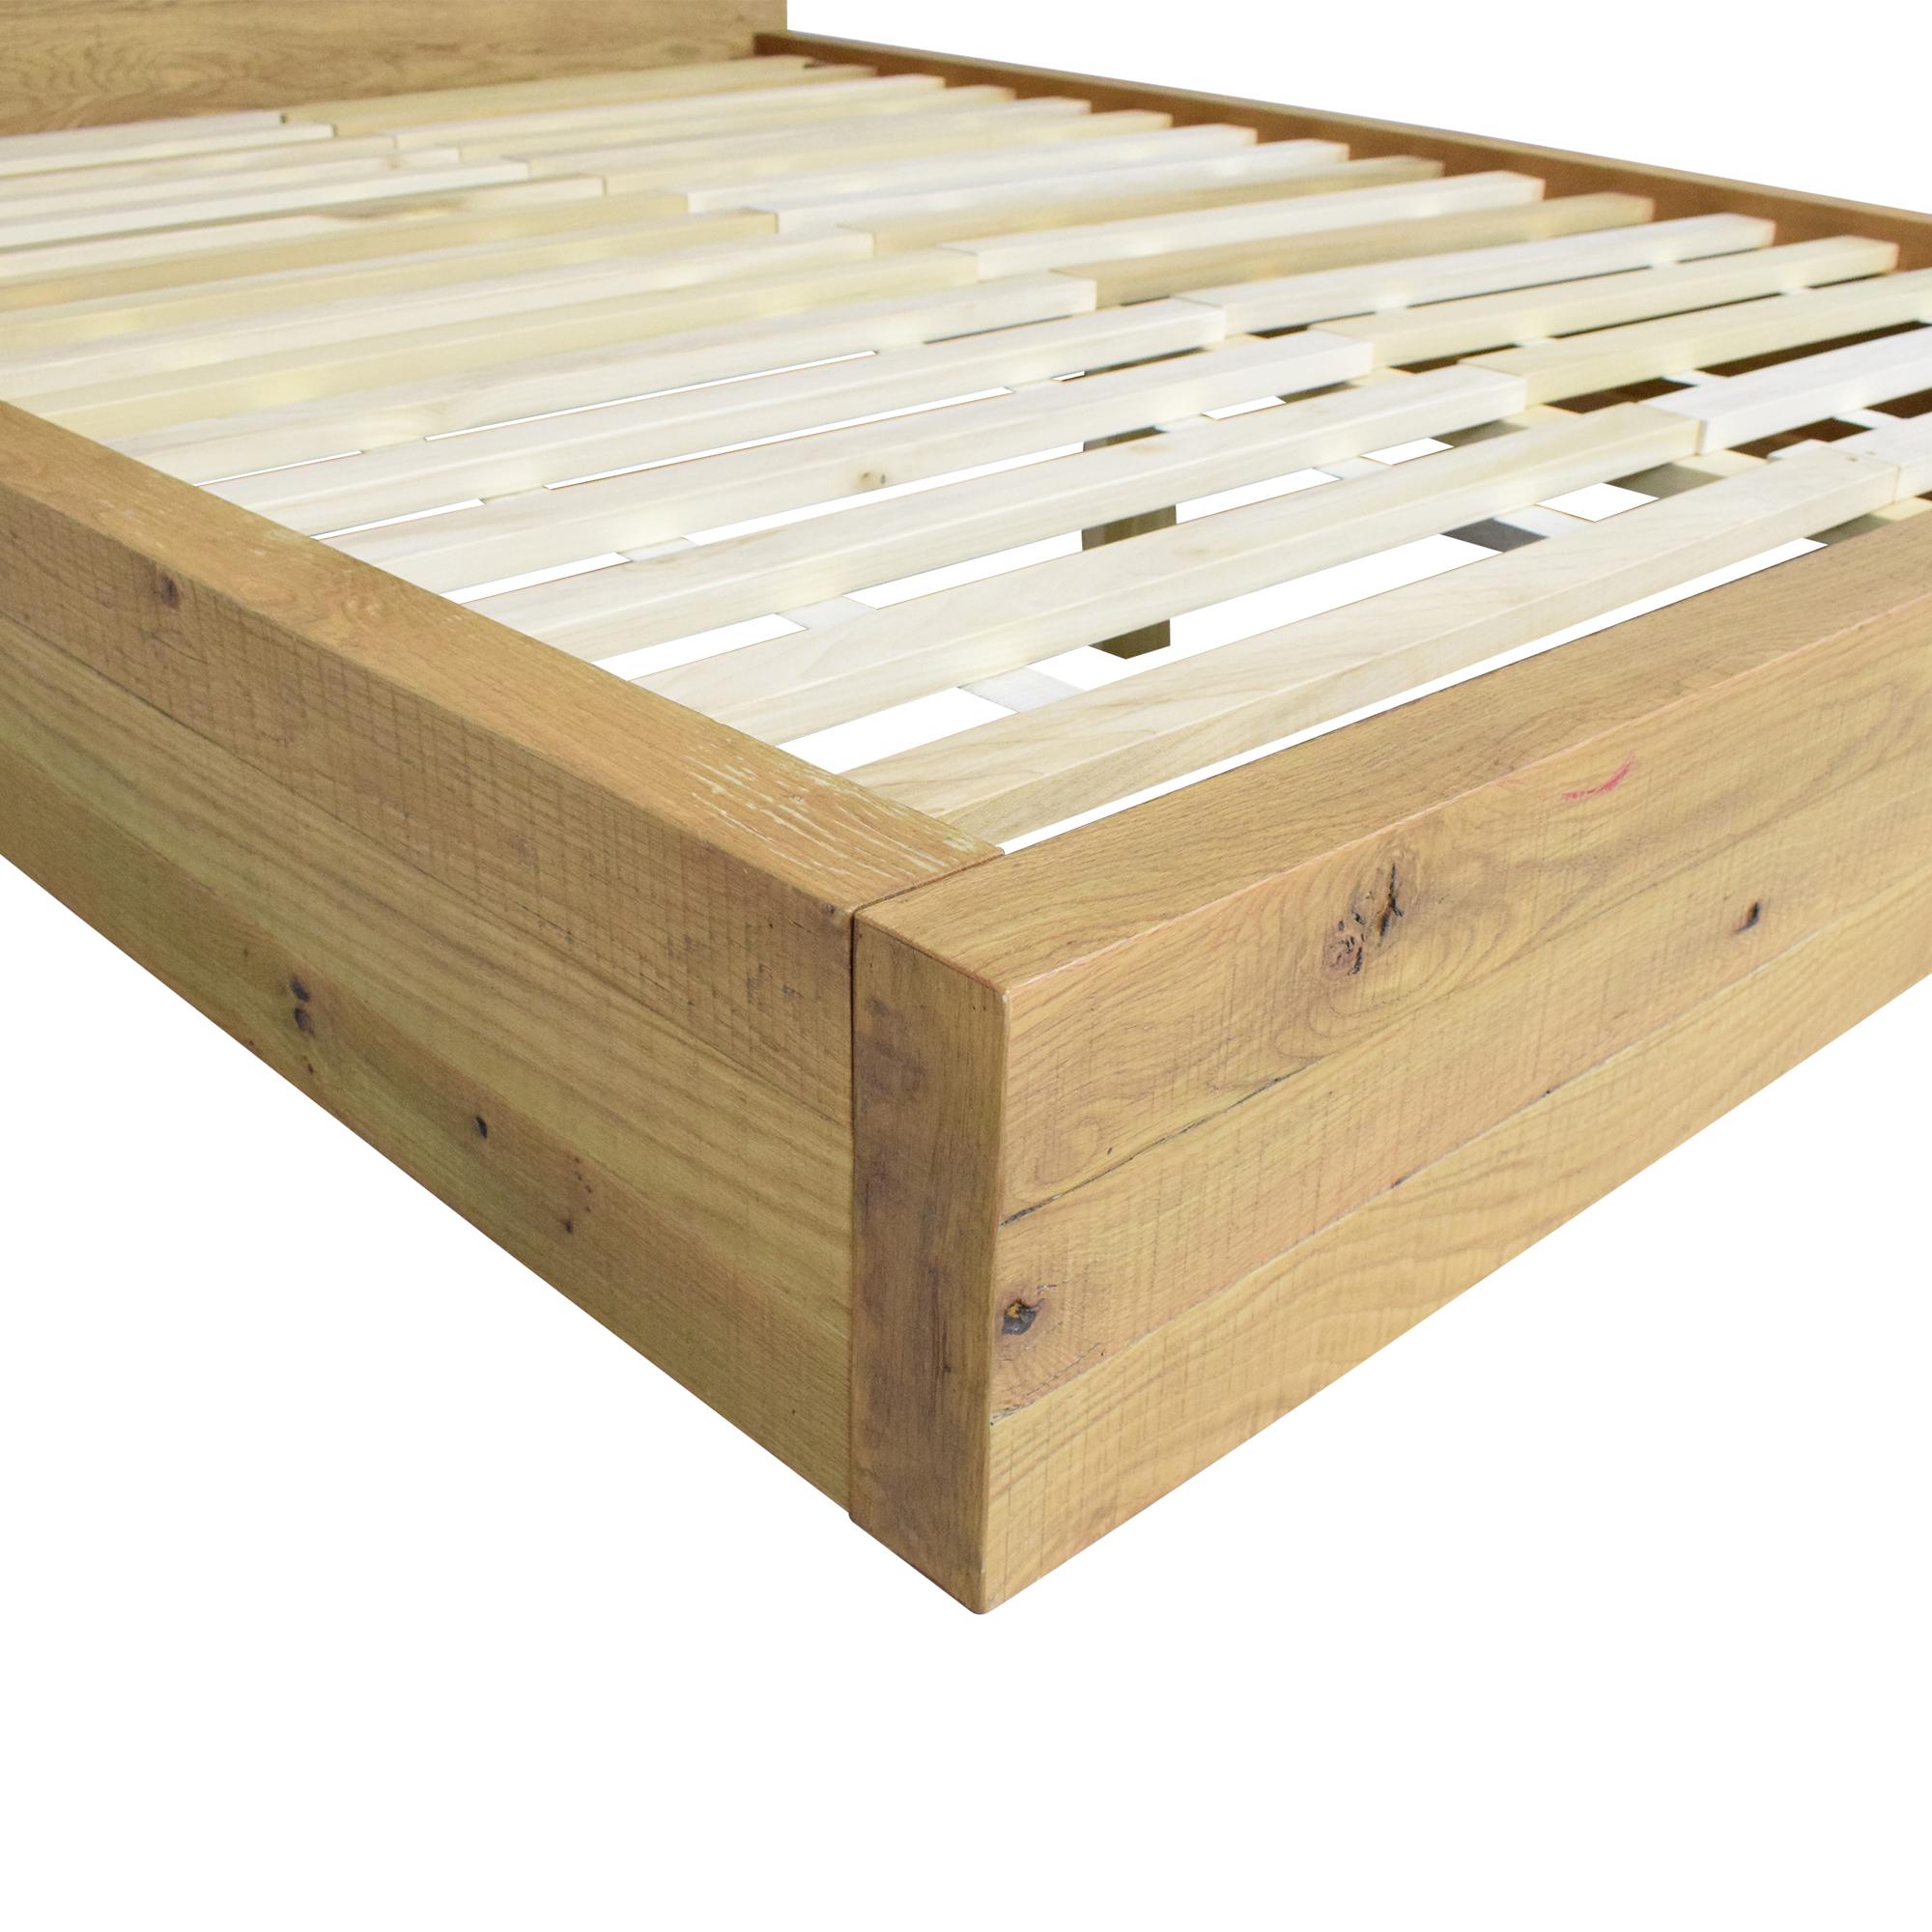 Crate & Barrel Crate & Barrel Cas Queen Bed on sale